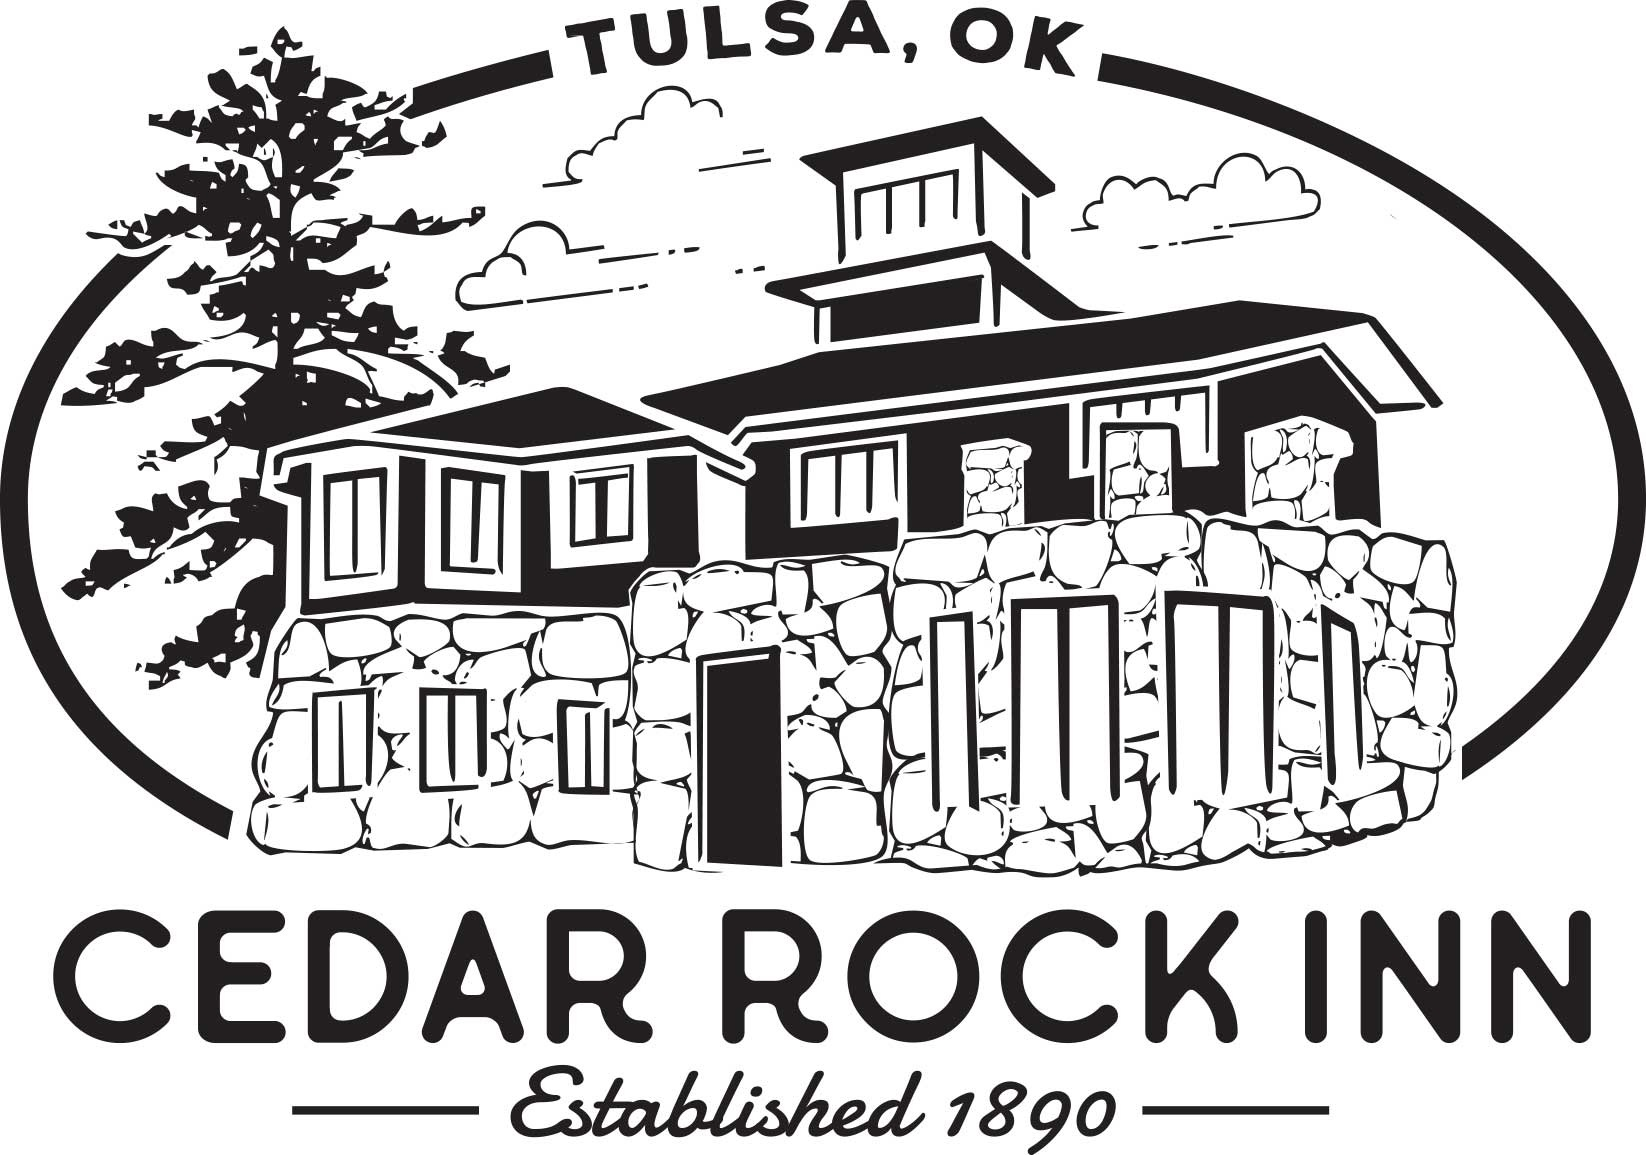 4501 West 41st Street, Tulsa, OK 74107 |  www.CedarRockInn.com